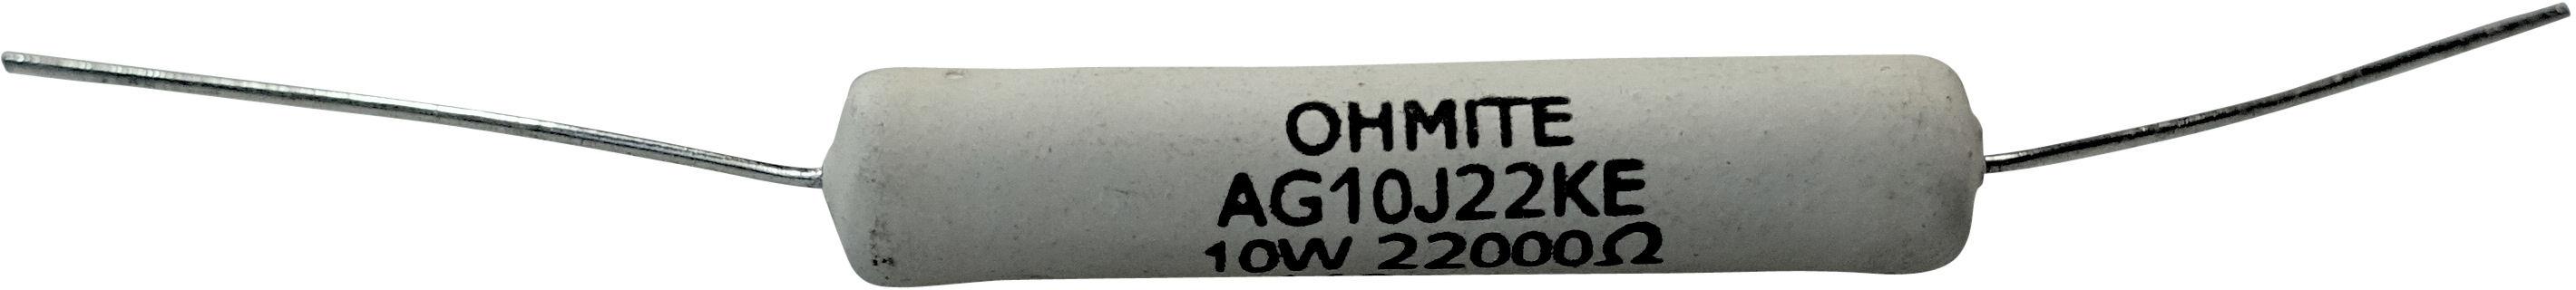 Ohmite Audio Gold 10W - 39 Ohm